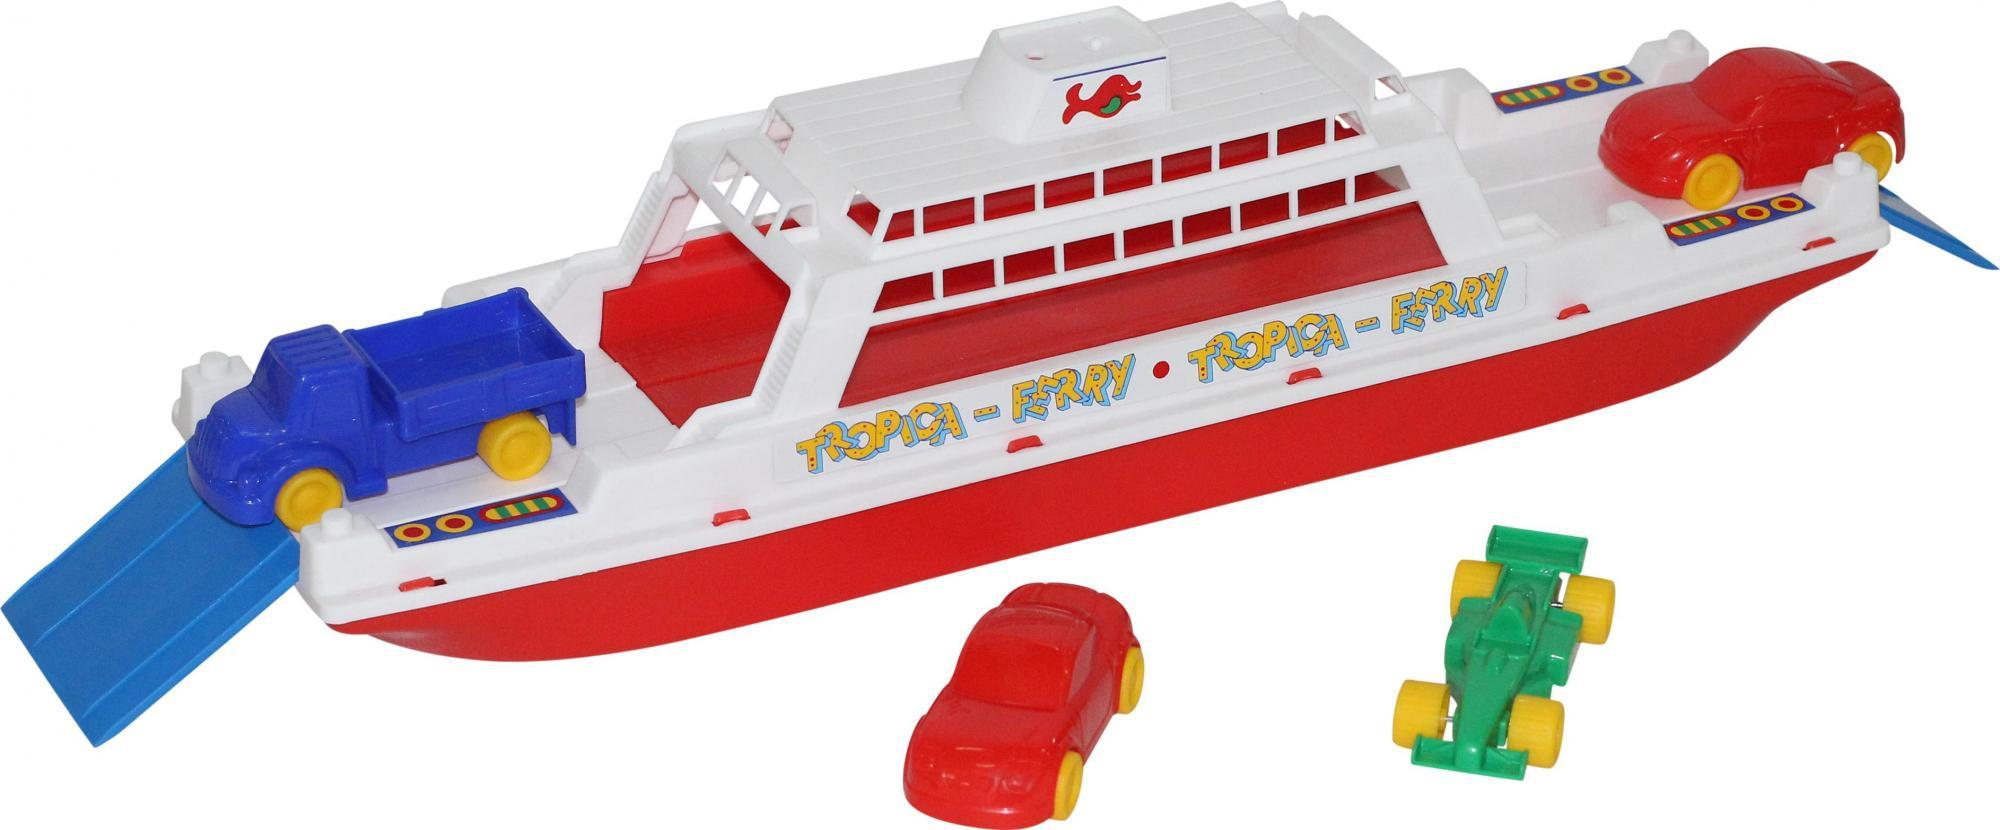 Катера и лодки Полесье Паром Балтик игровой набор полесье паром балтик с 4 машинками